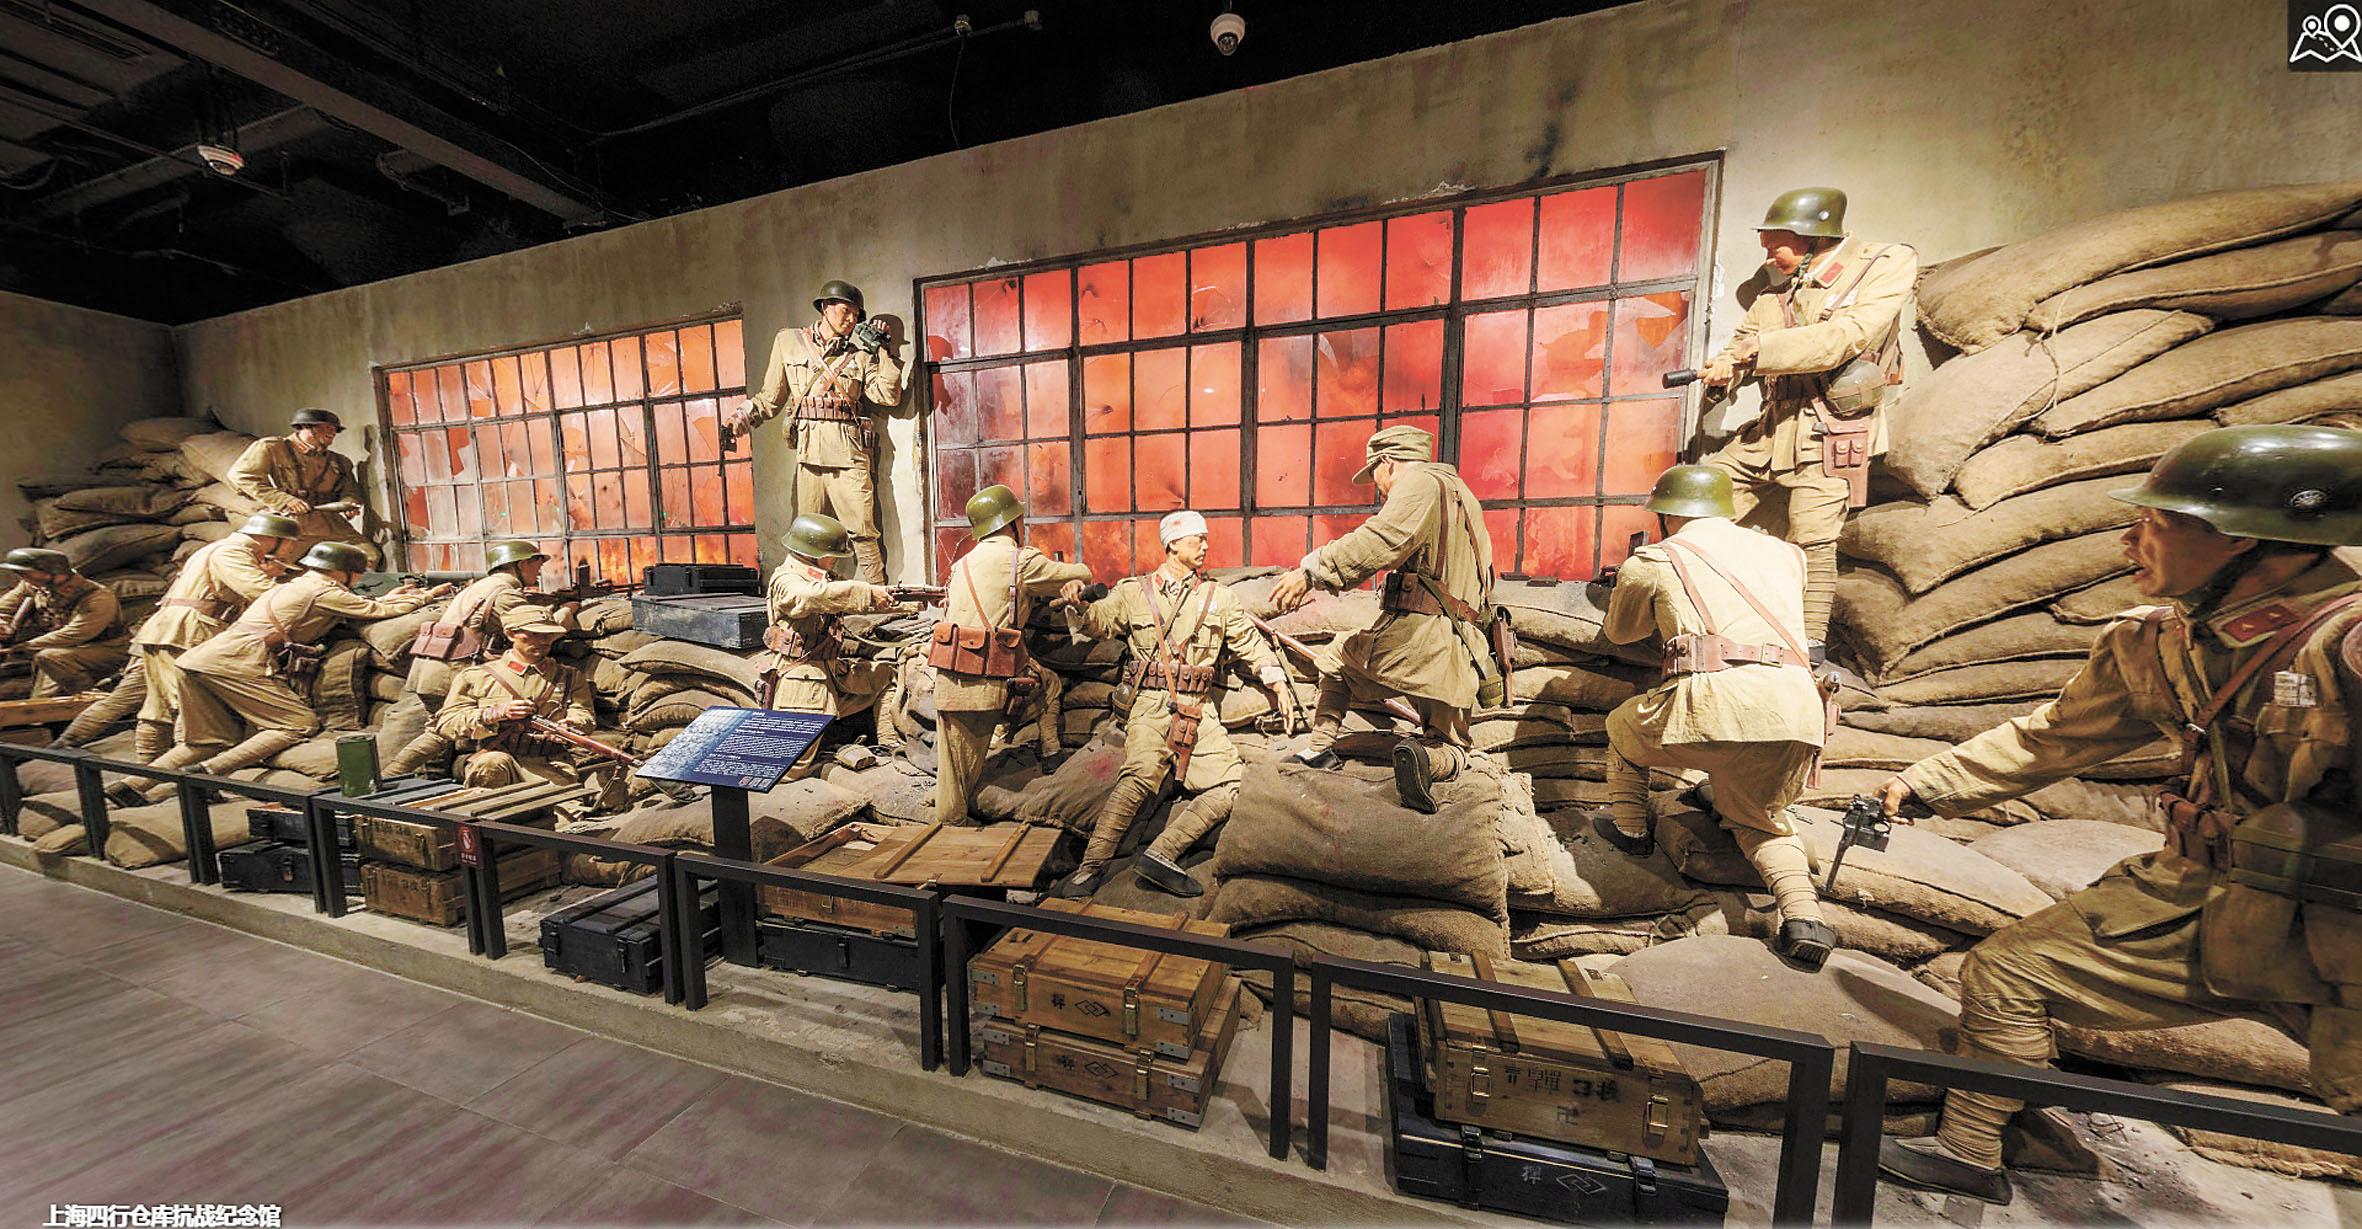 上海四行倉庫改為的紀念館內部雕像,重現當年戰事。紀念館官網圖片